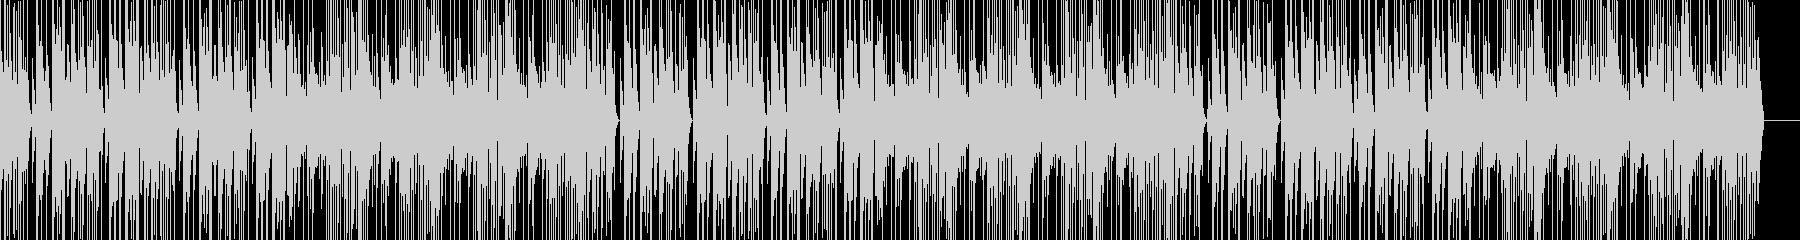 宿題やらなきゃ 日常的コミカルBGMの未再生の波形